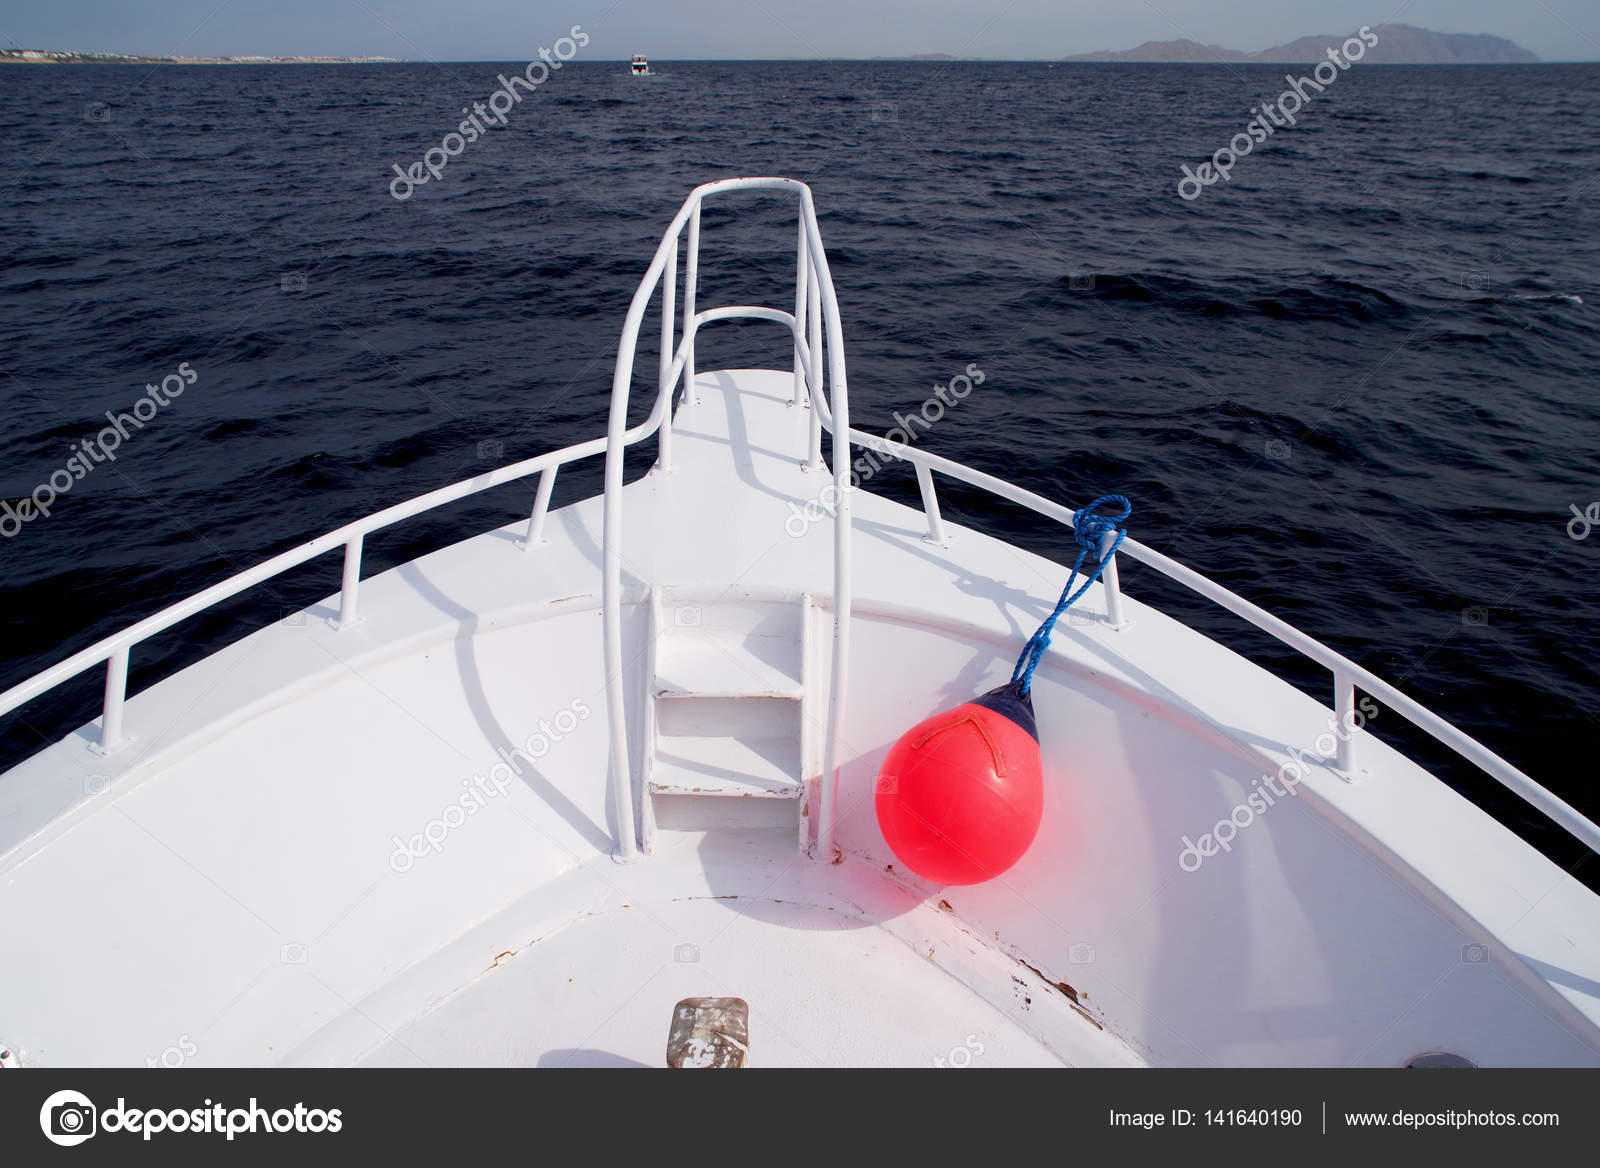 fören på en båt